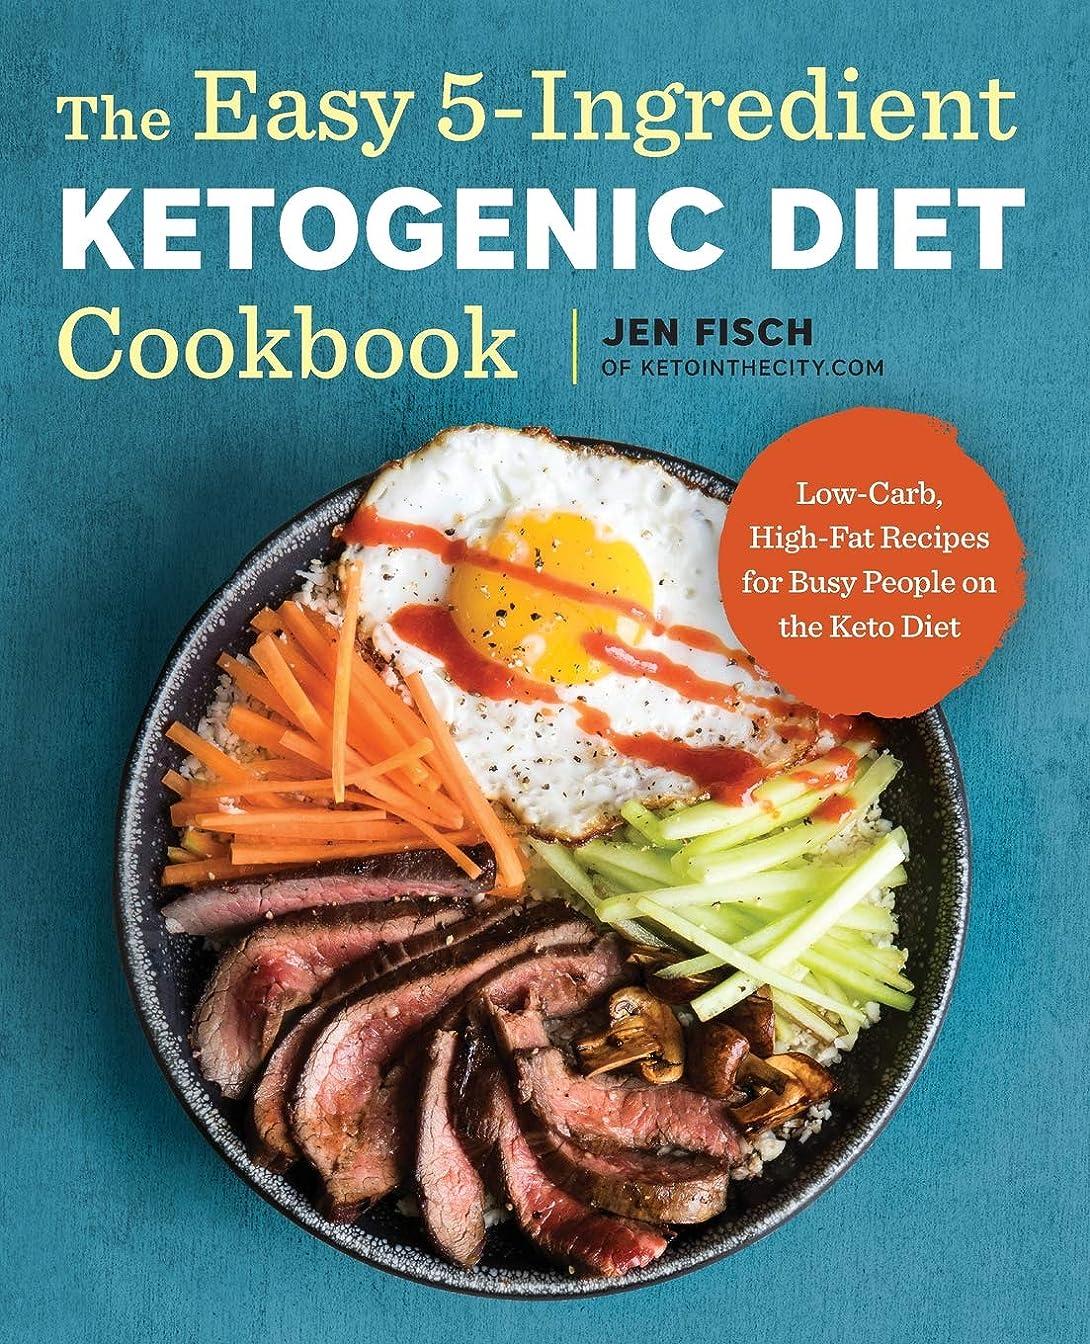 メンテナンス血色の良い剣The Obesity Code Cookbook: Recipes to Help You Manage Insulin, Lose Weight, and Improve Your Health